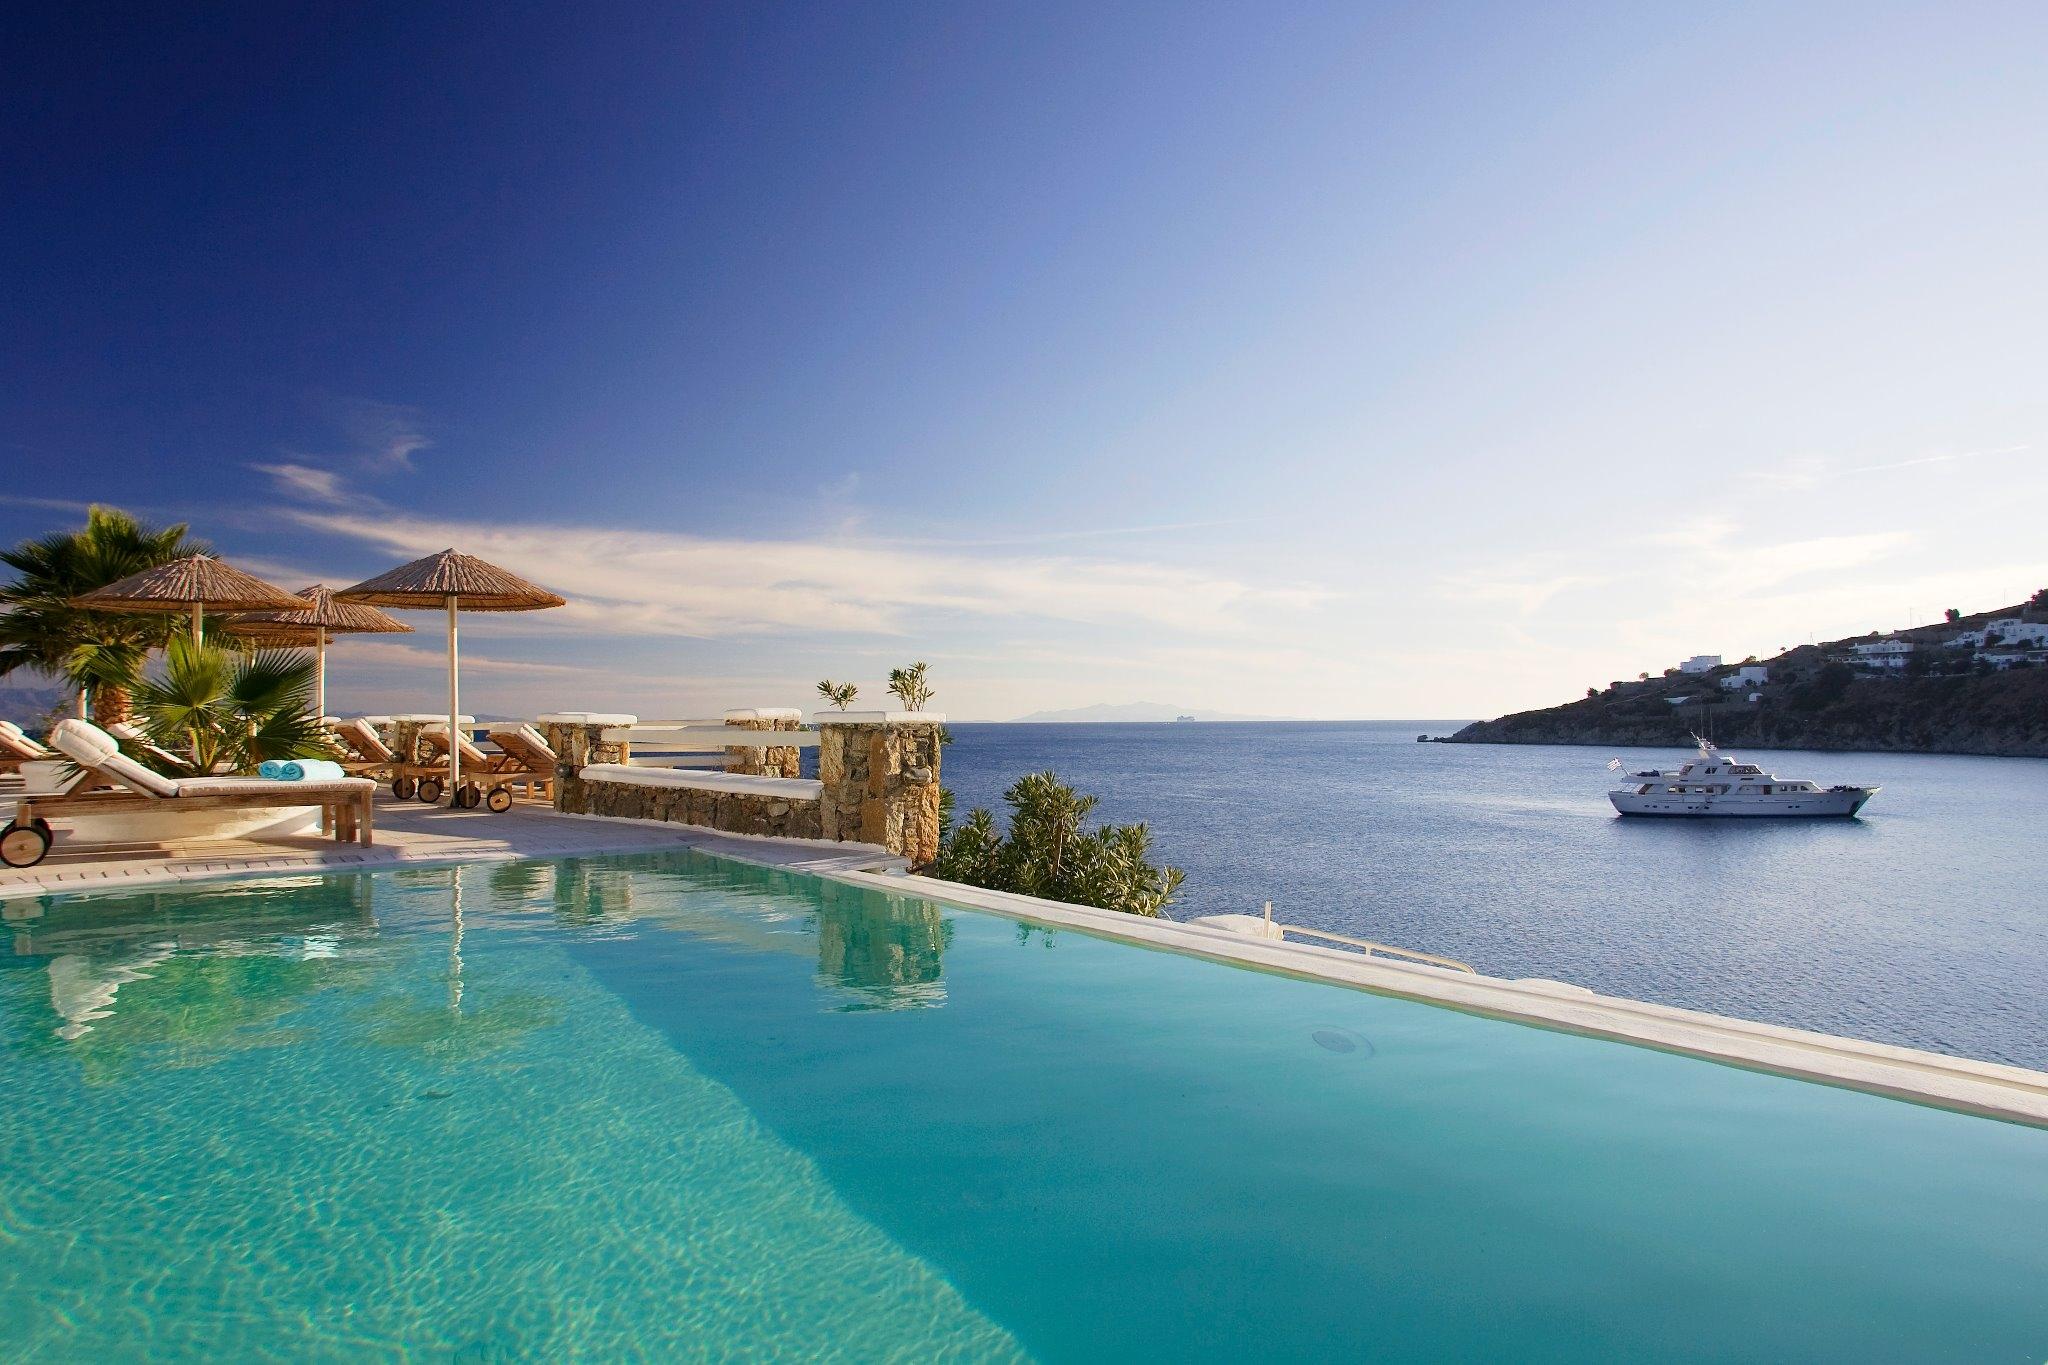 Nissaki Boutique Hotel/ Mykonos island